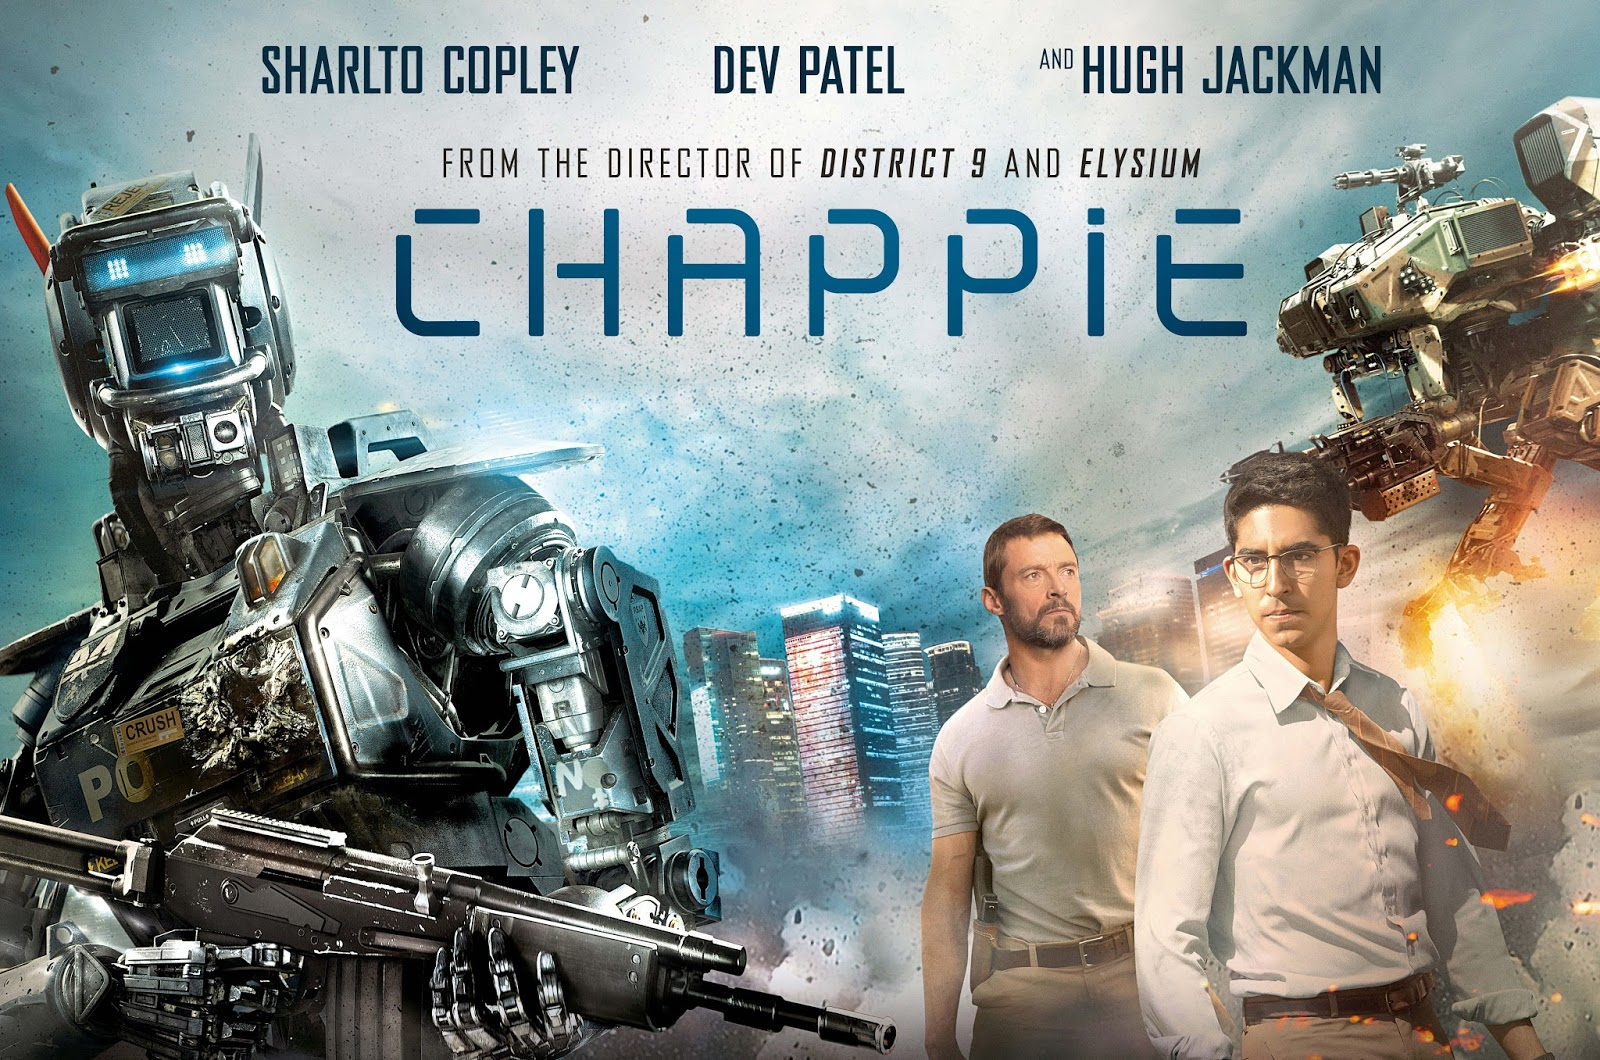 free movie download 2015, ryemovies, ganool, update, chappie, AI robot